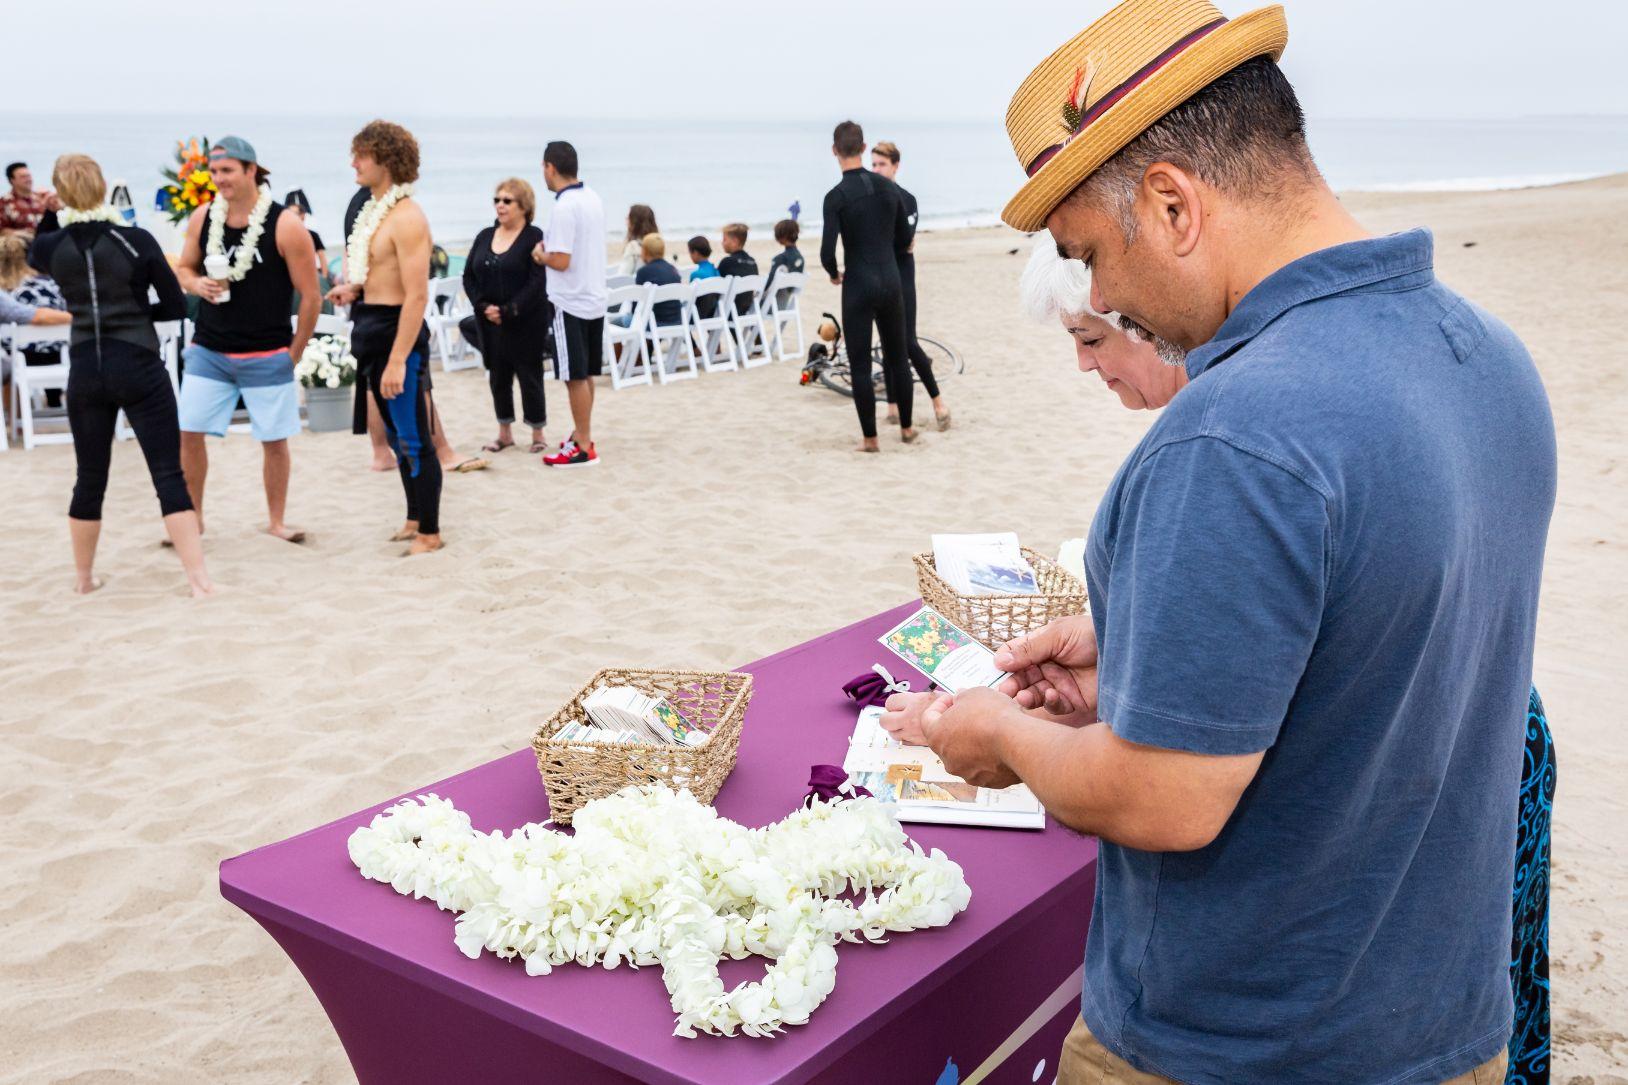 Beach - Celebration of Life / Memorial